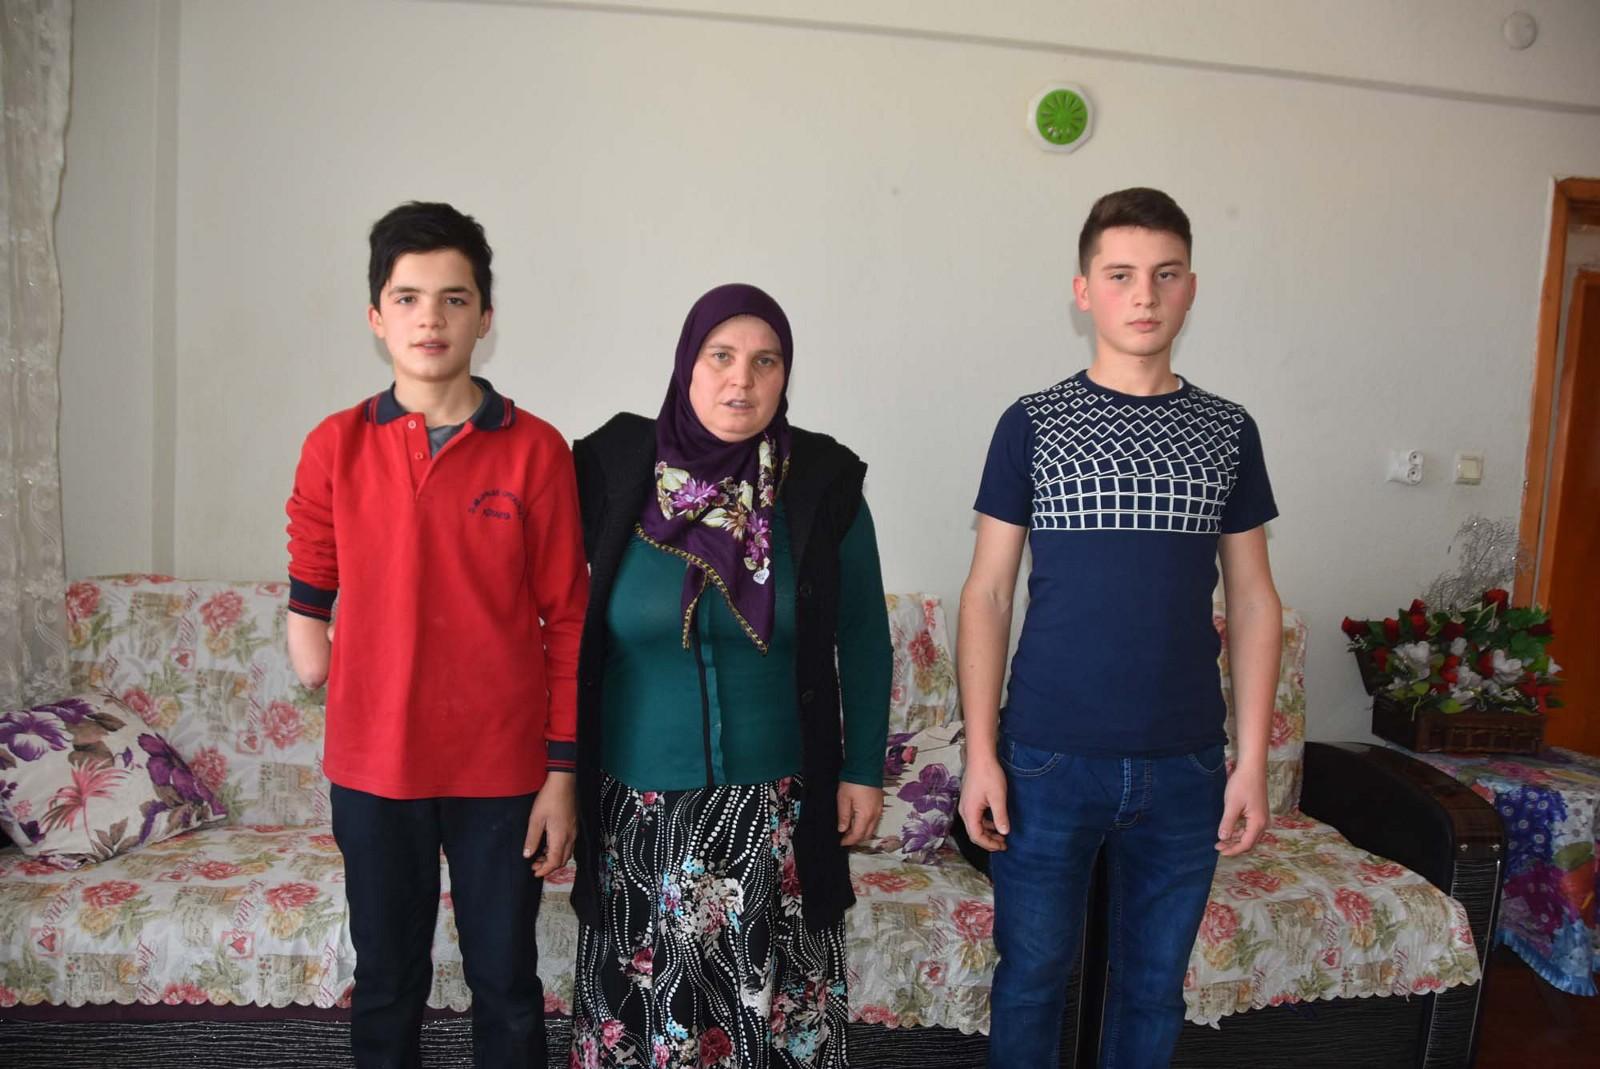 Cemaat Yurdunda Kolu Kopan Nurettin İçin Haluk Levent Devrede: Protez Kol Takılacak